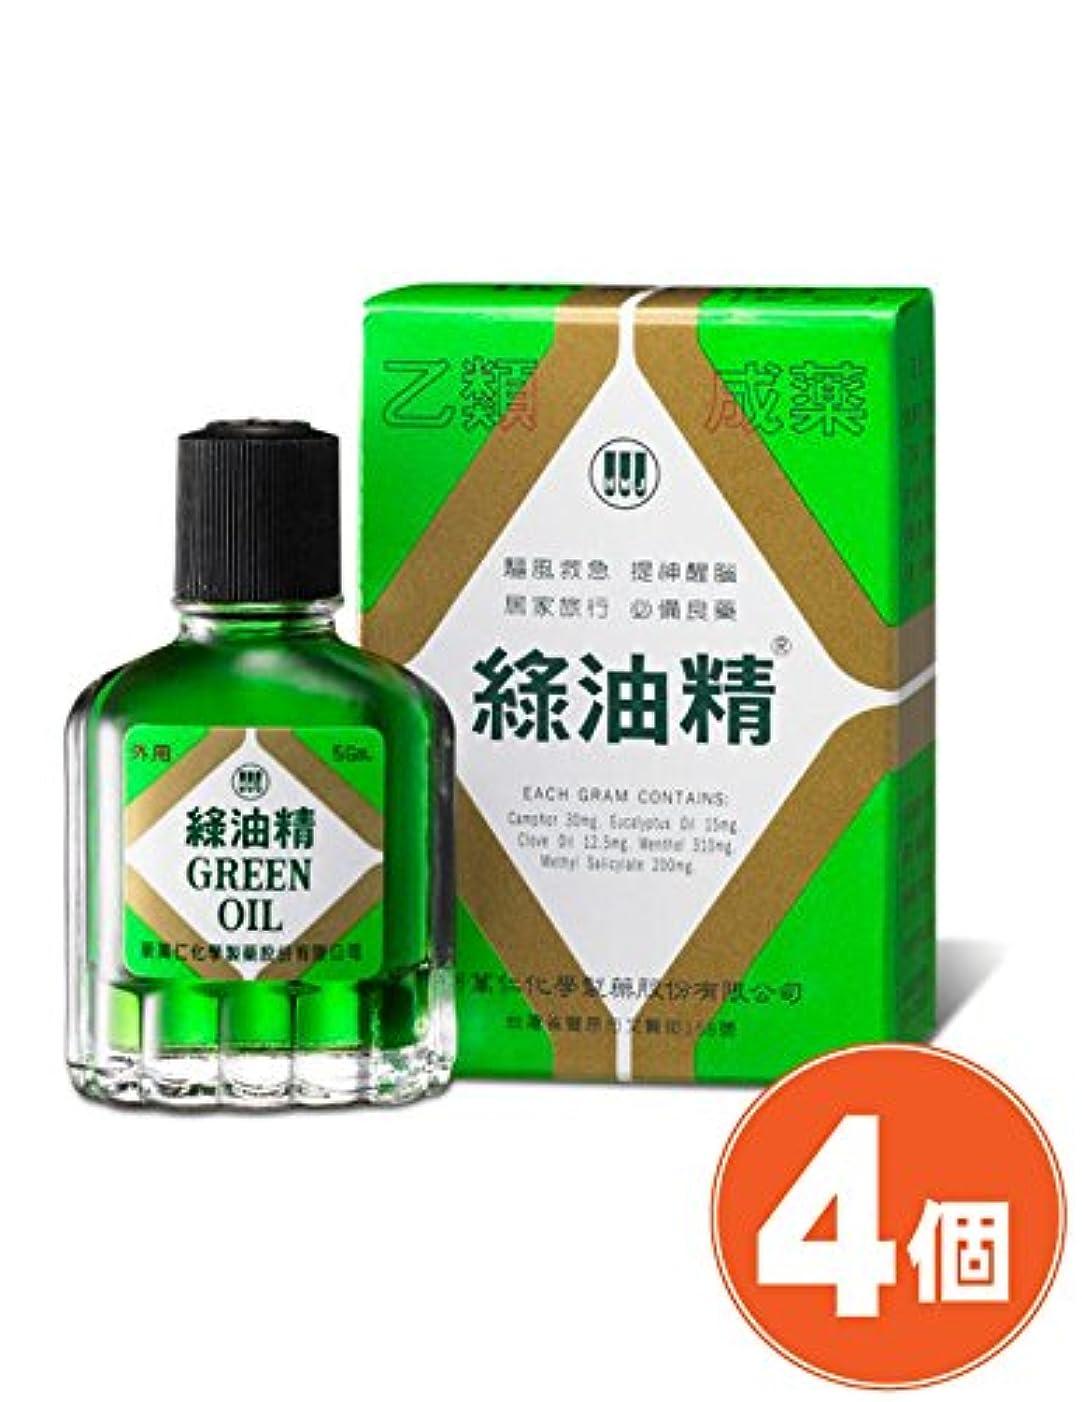 ほかにつづり割り当てる《新萬仁》台湾の万能グリーンオイル 緑油精 5g ×4個 《台湾 お土産》 [並行輸入品]